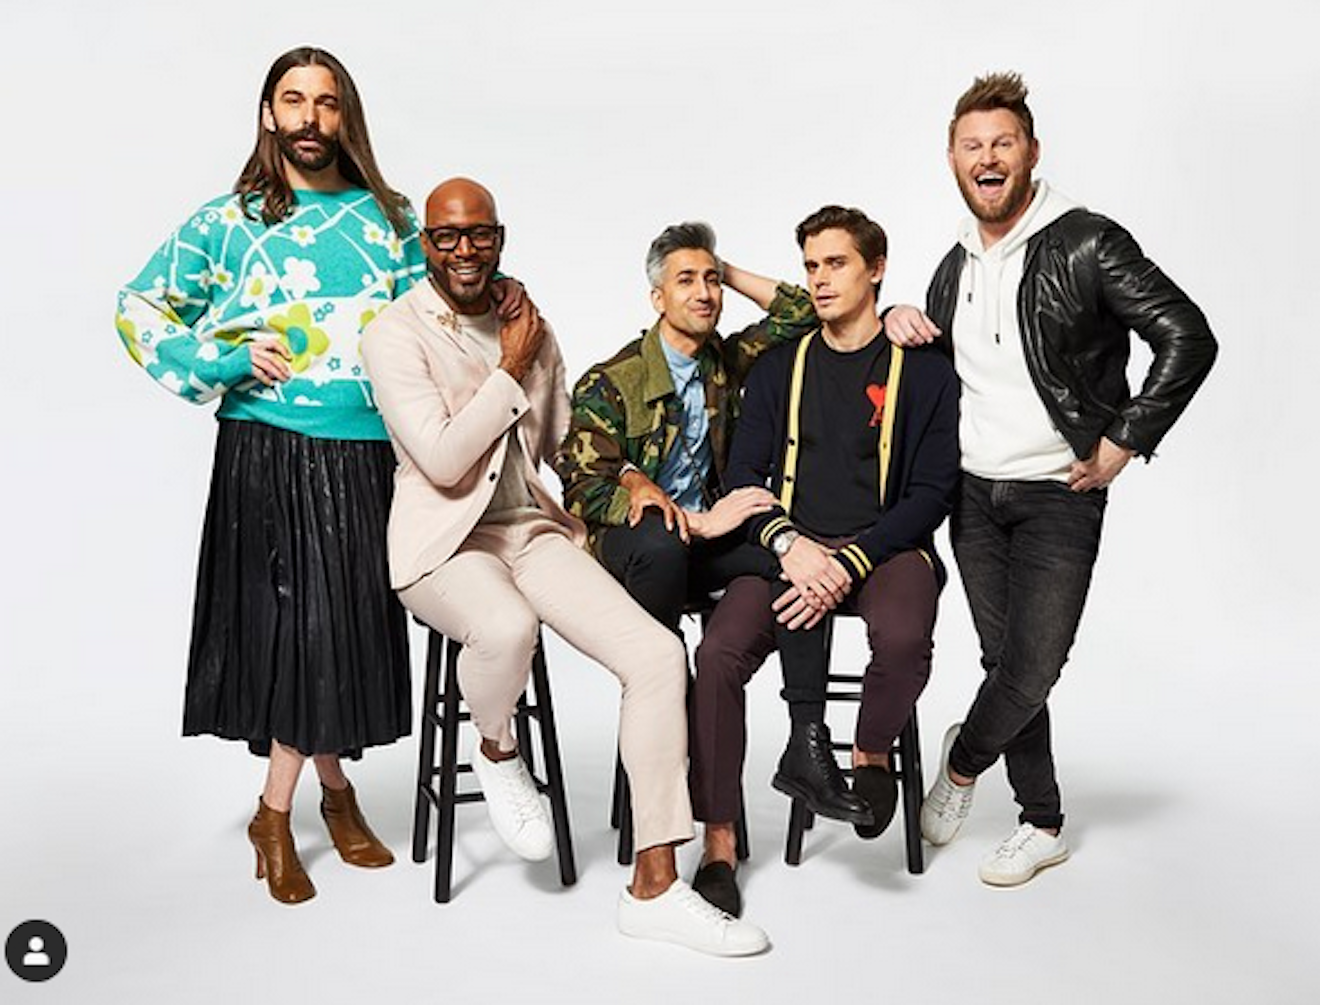 Jonathan, Karamo, Tan, Antoni e Bobby di Queer Eye